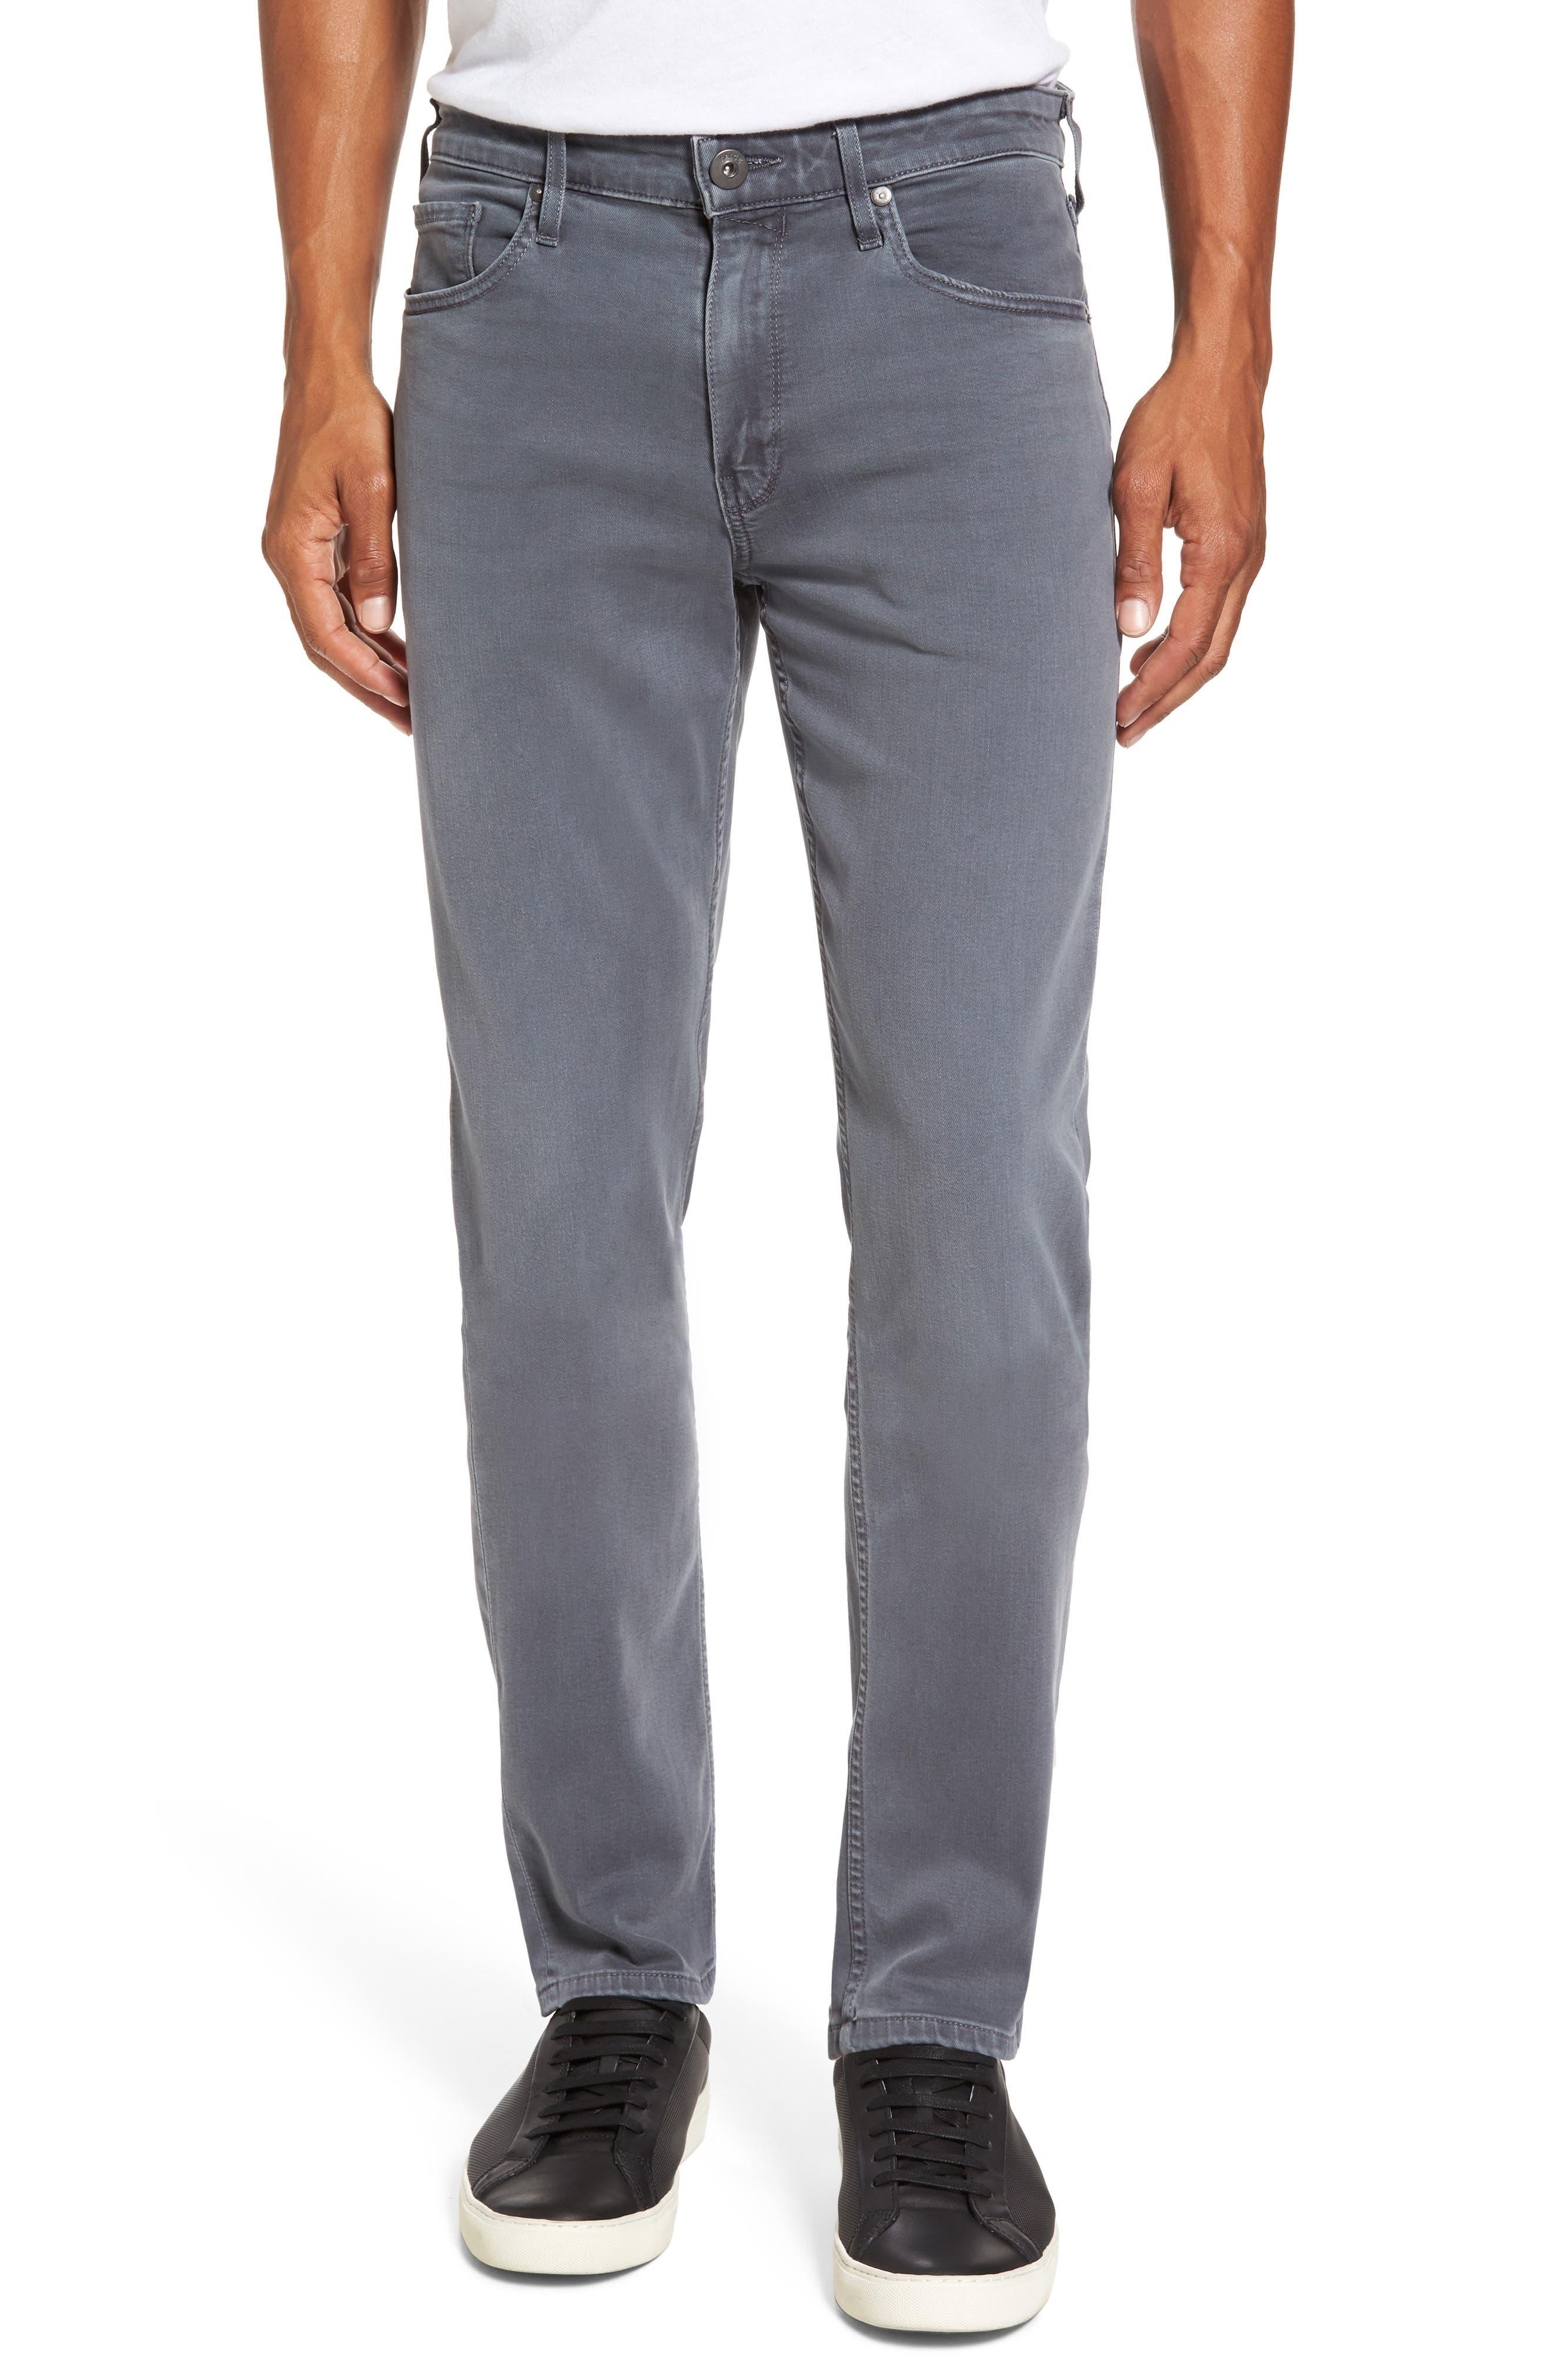 Lennox Slim Fit Jeans,                         Main,                         color,